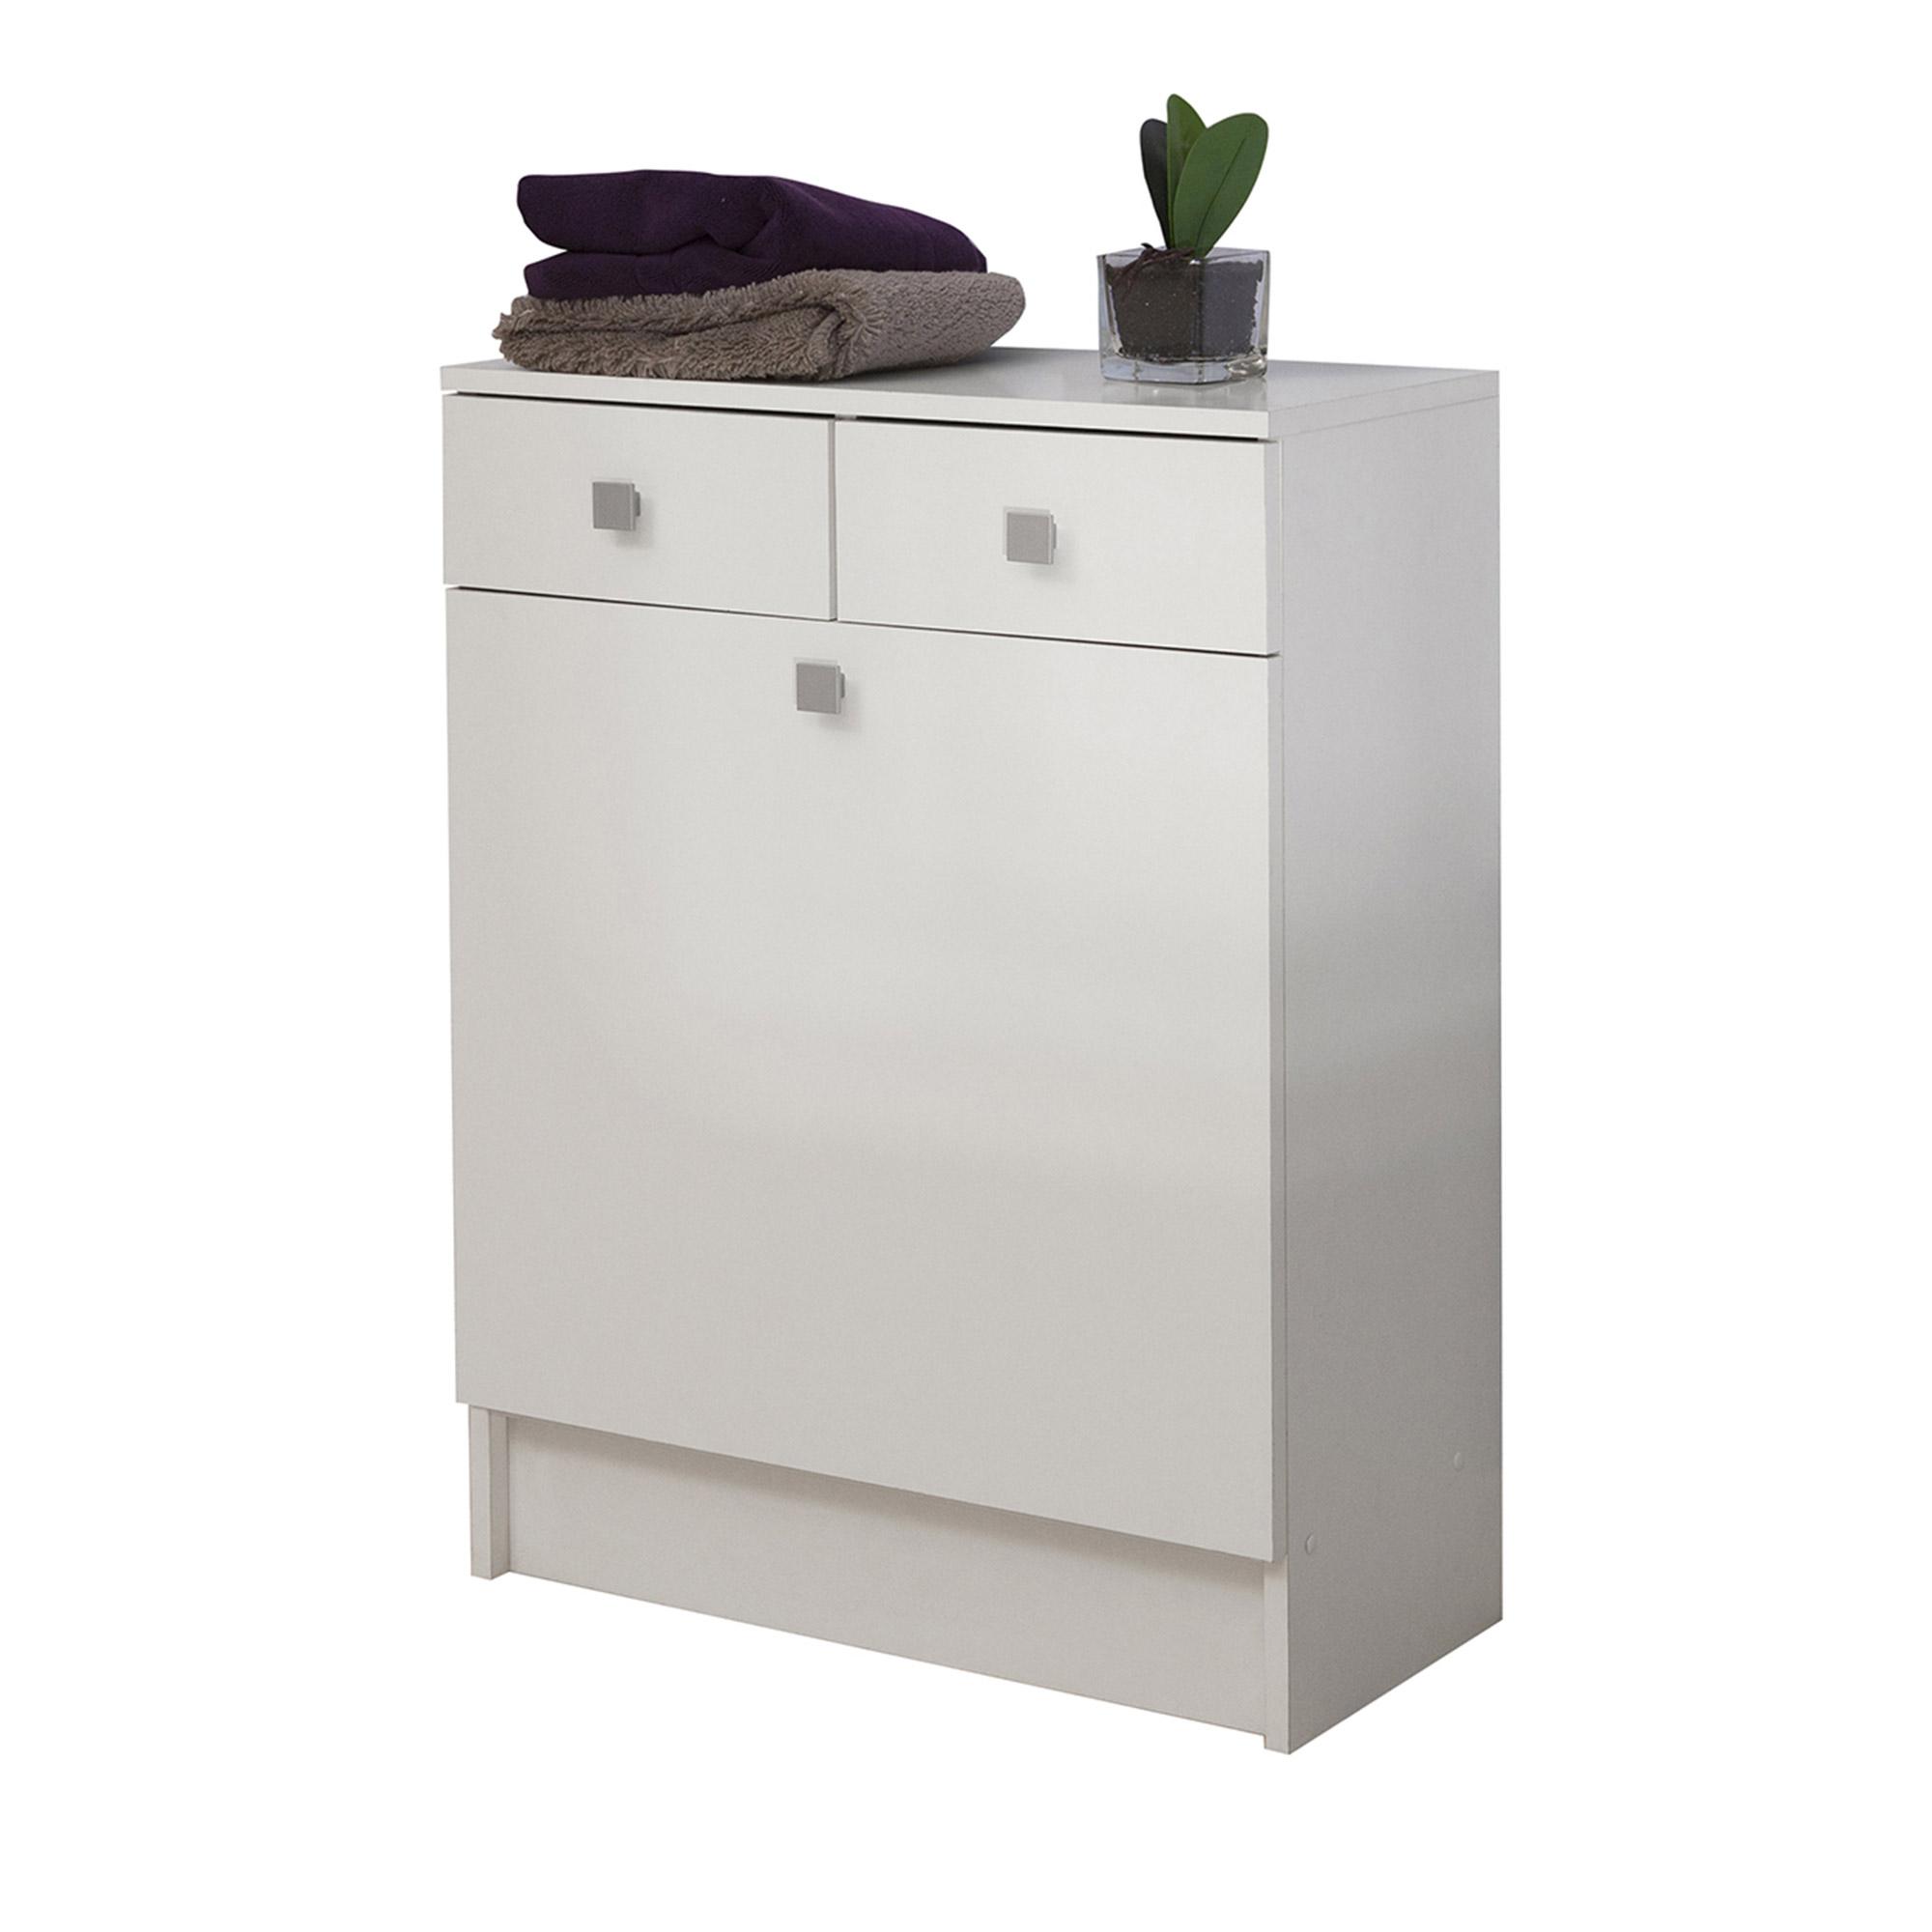 El ment bas salle de bain 2 tiroirs 1 bac linge blanc ebay for Element bas salle de bain